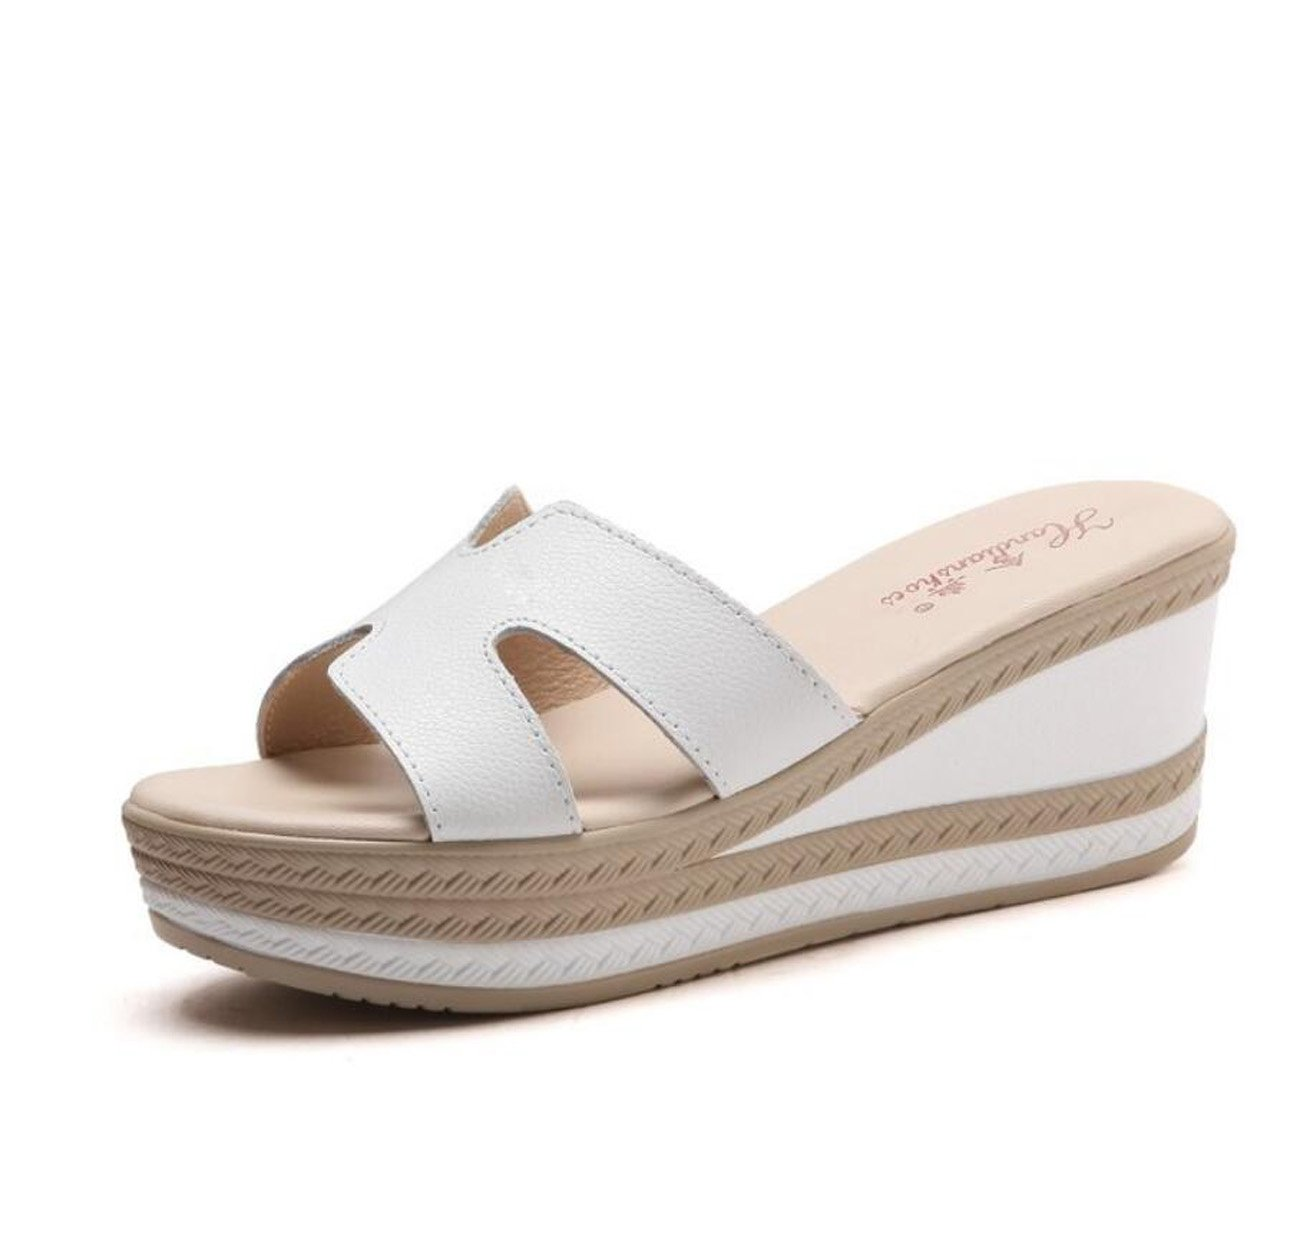 Ciabatte da donna con zeppa Pantofole Summer Cool Fashion Platform Casual Outdoor Infradito Scarpe ( Color : Bianca , Dimensione : 35 ) DANDANJIE